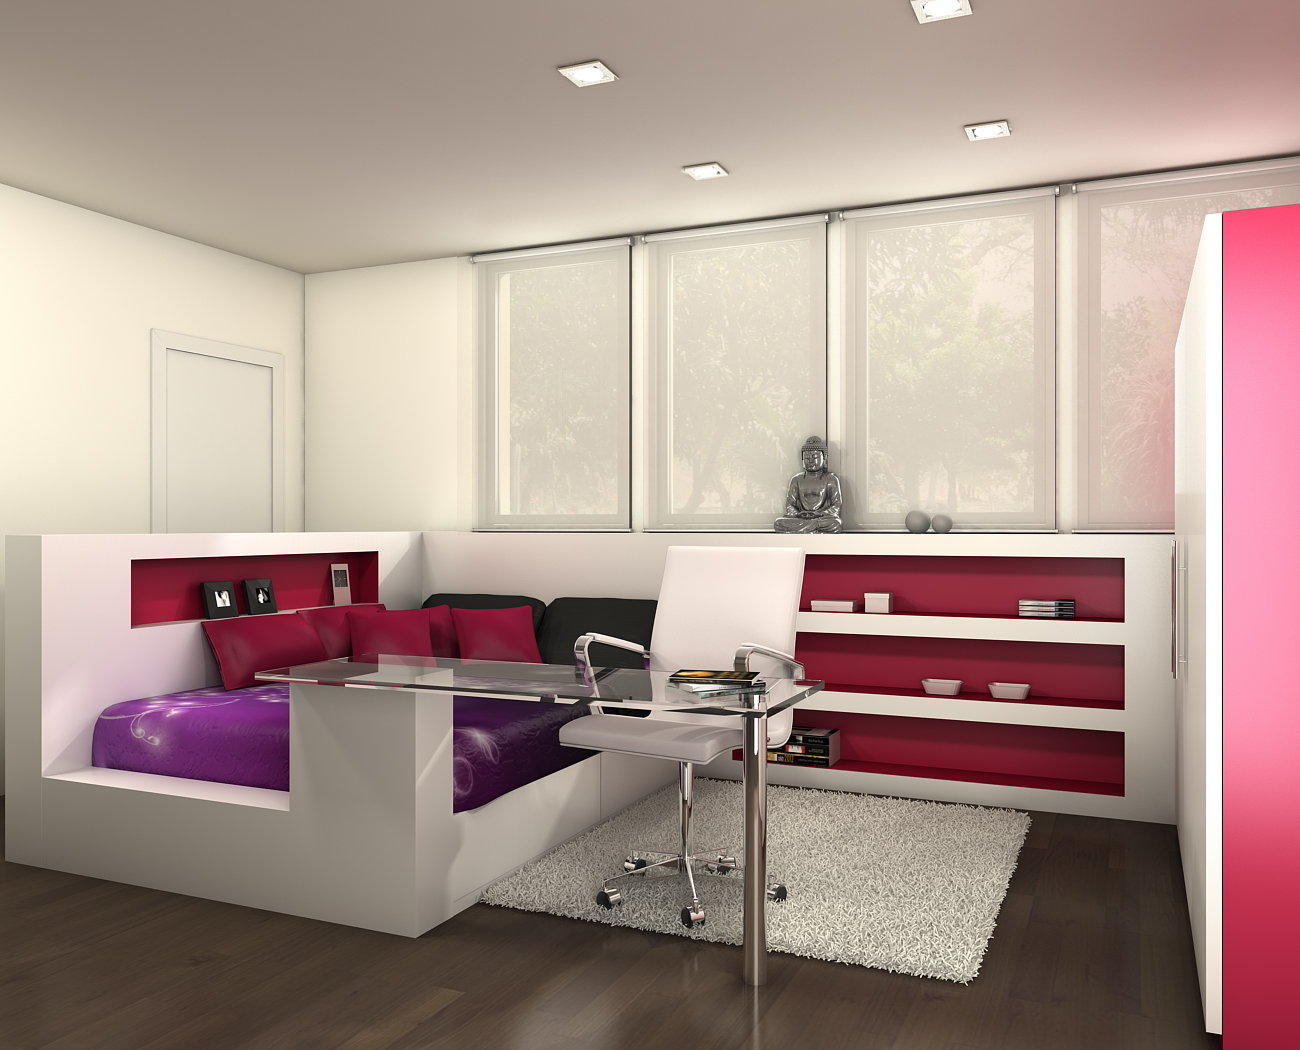 Decoracion habitaciones juveniles for Decoracion cuartos juveniles